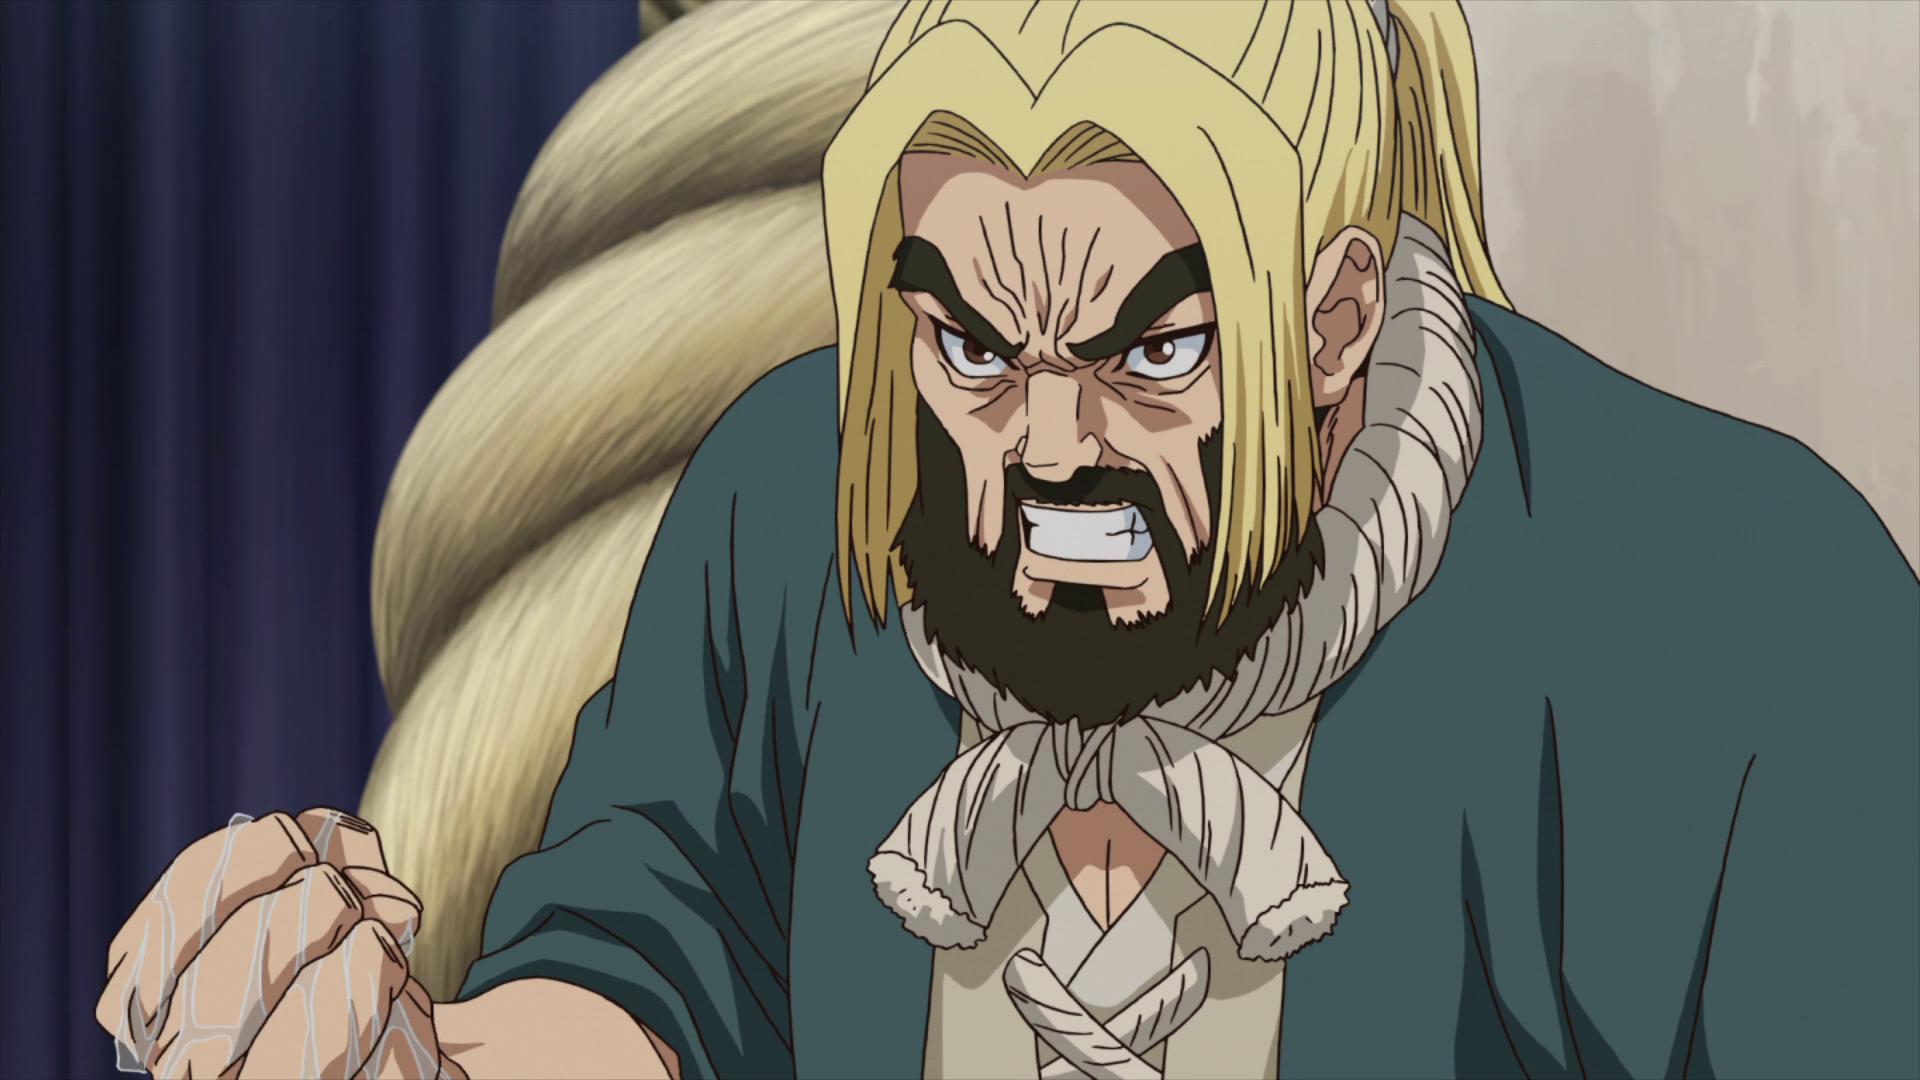 Kokuyo Dr Stone Wiki Fandom